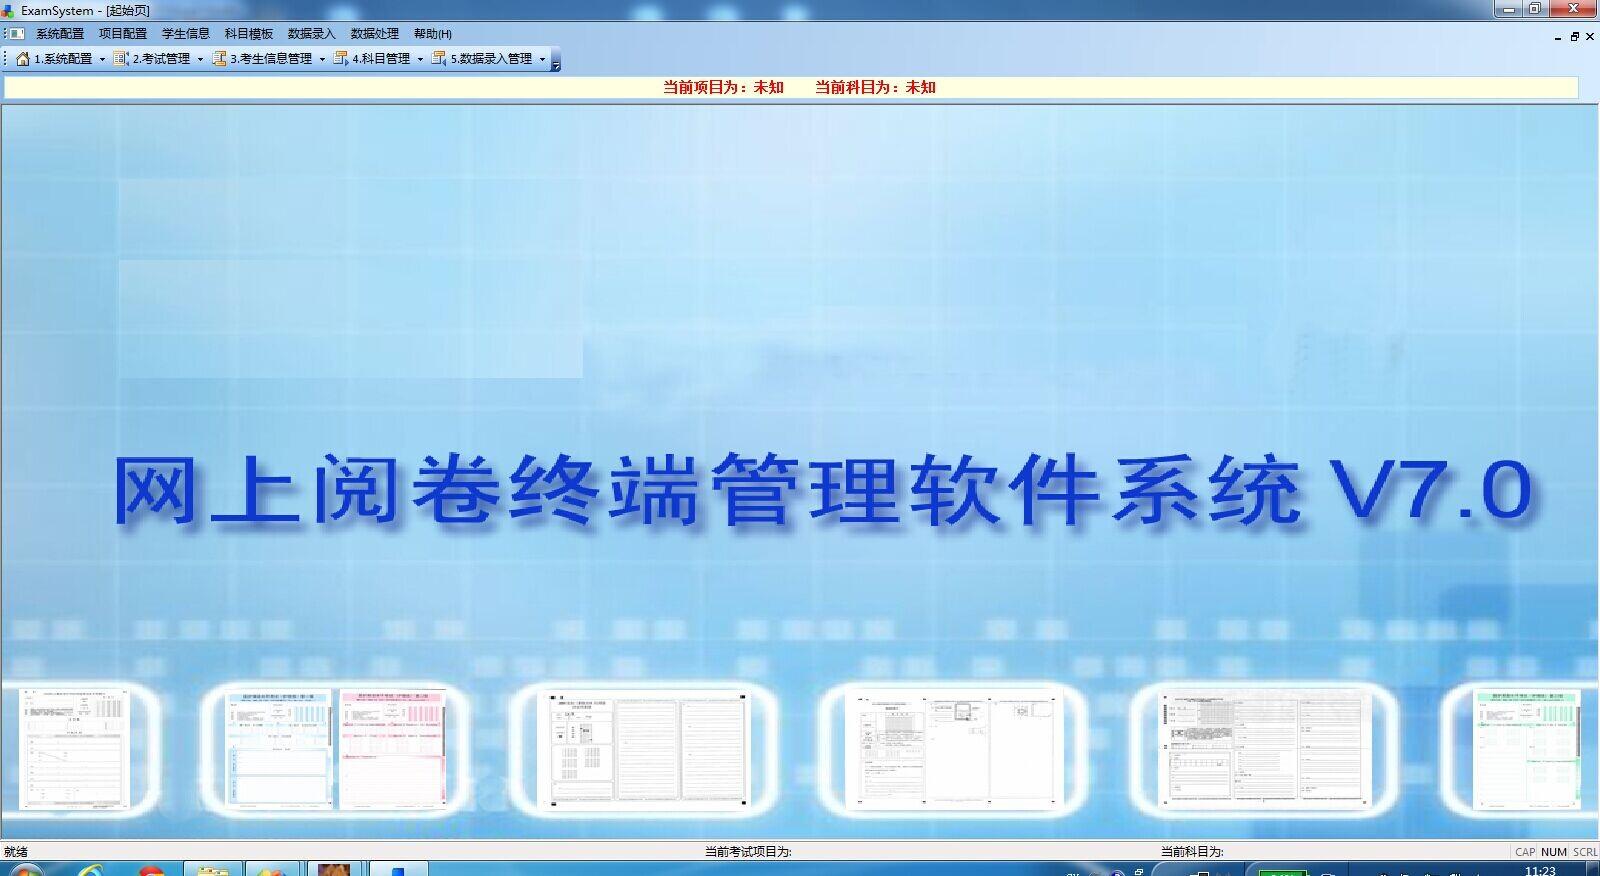 鄂州鄂城区阅卷系统新进型号 主观题阅卷系统品牌商 新闻动态-河北文柏云考科技发展有限公司